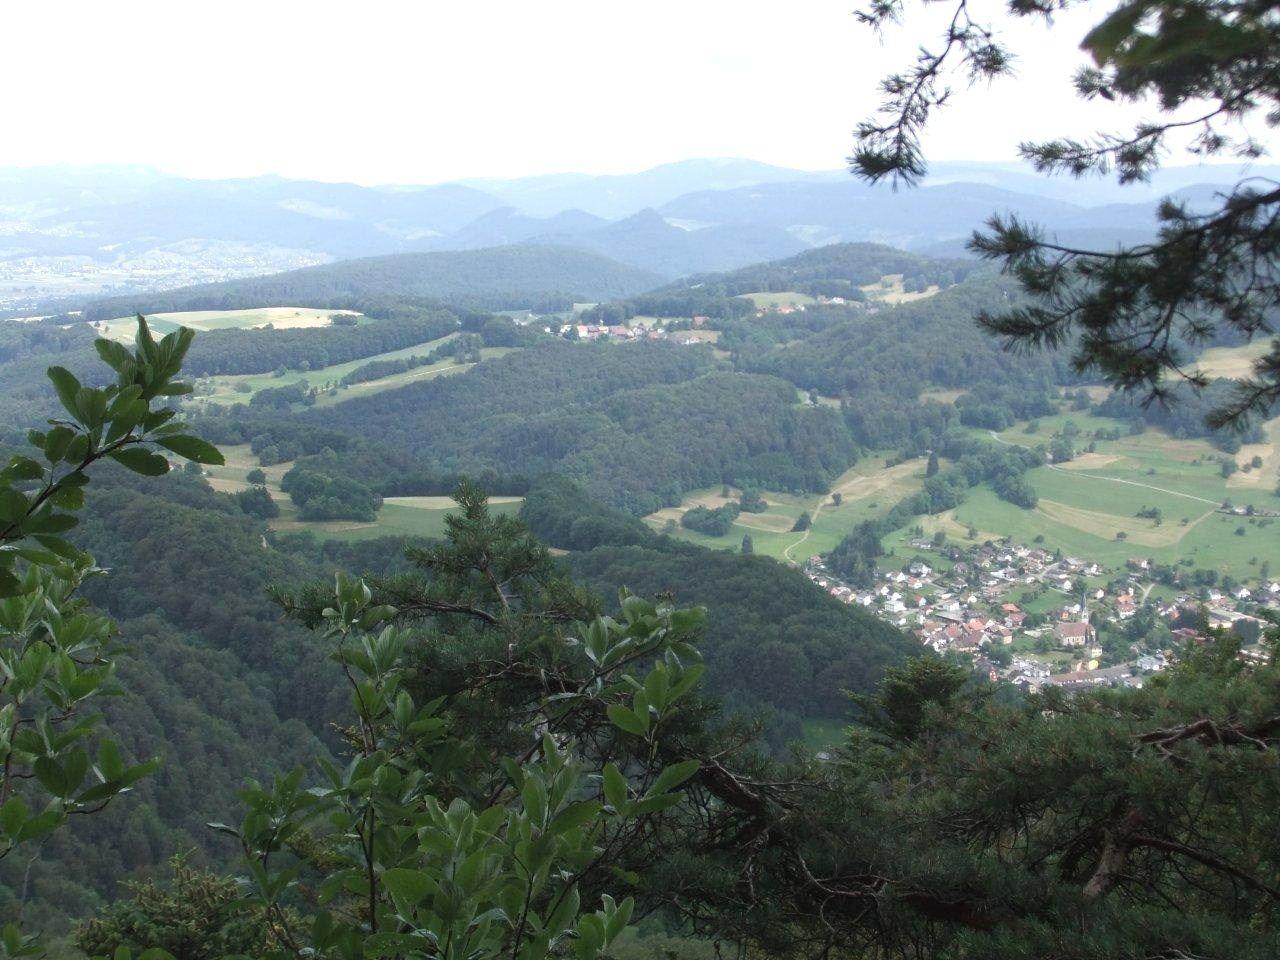 Mercredi 13 août - Randonnée à Ferrette et à Wolschwiller-Burg (Suisse)